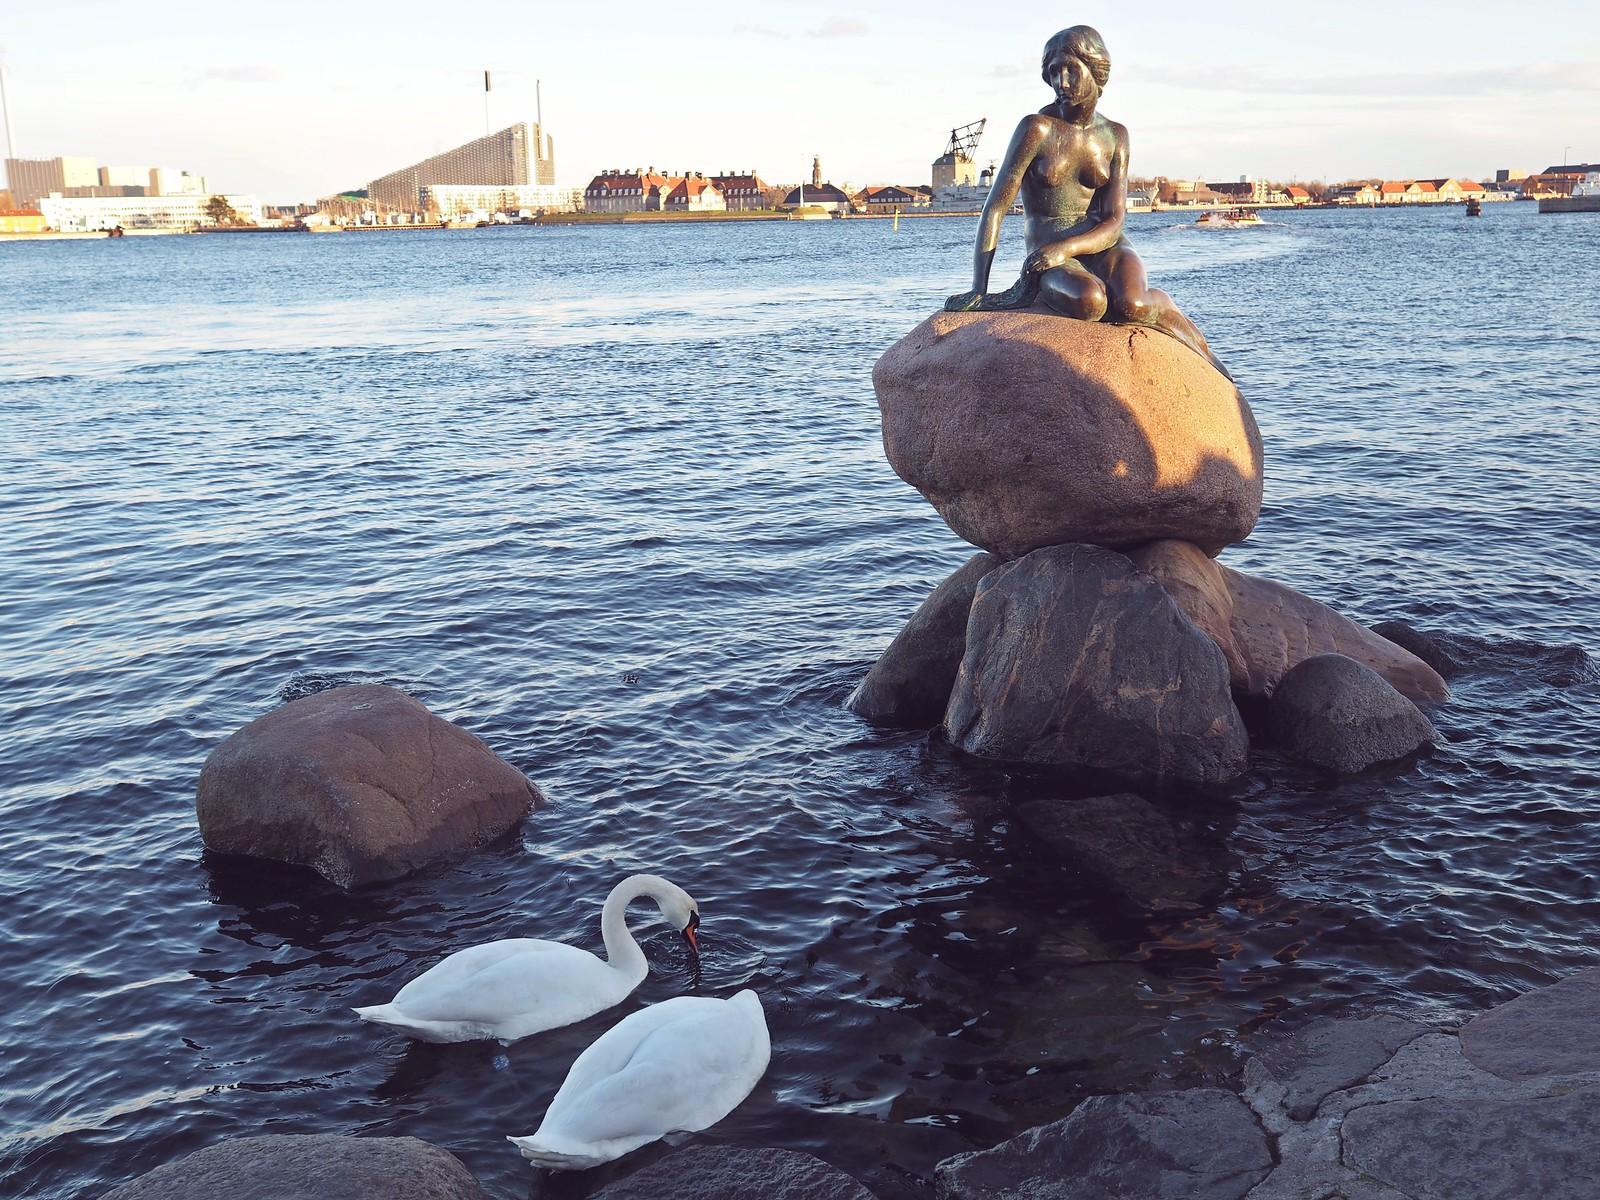 pieni merenneito kööpenhamina tanska